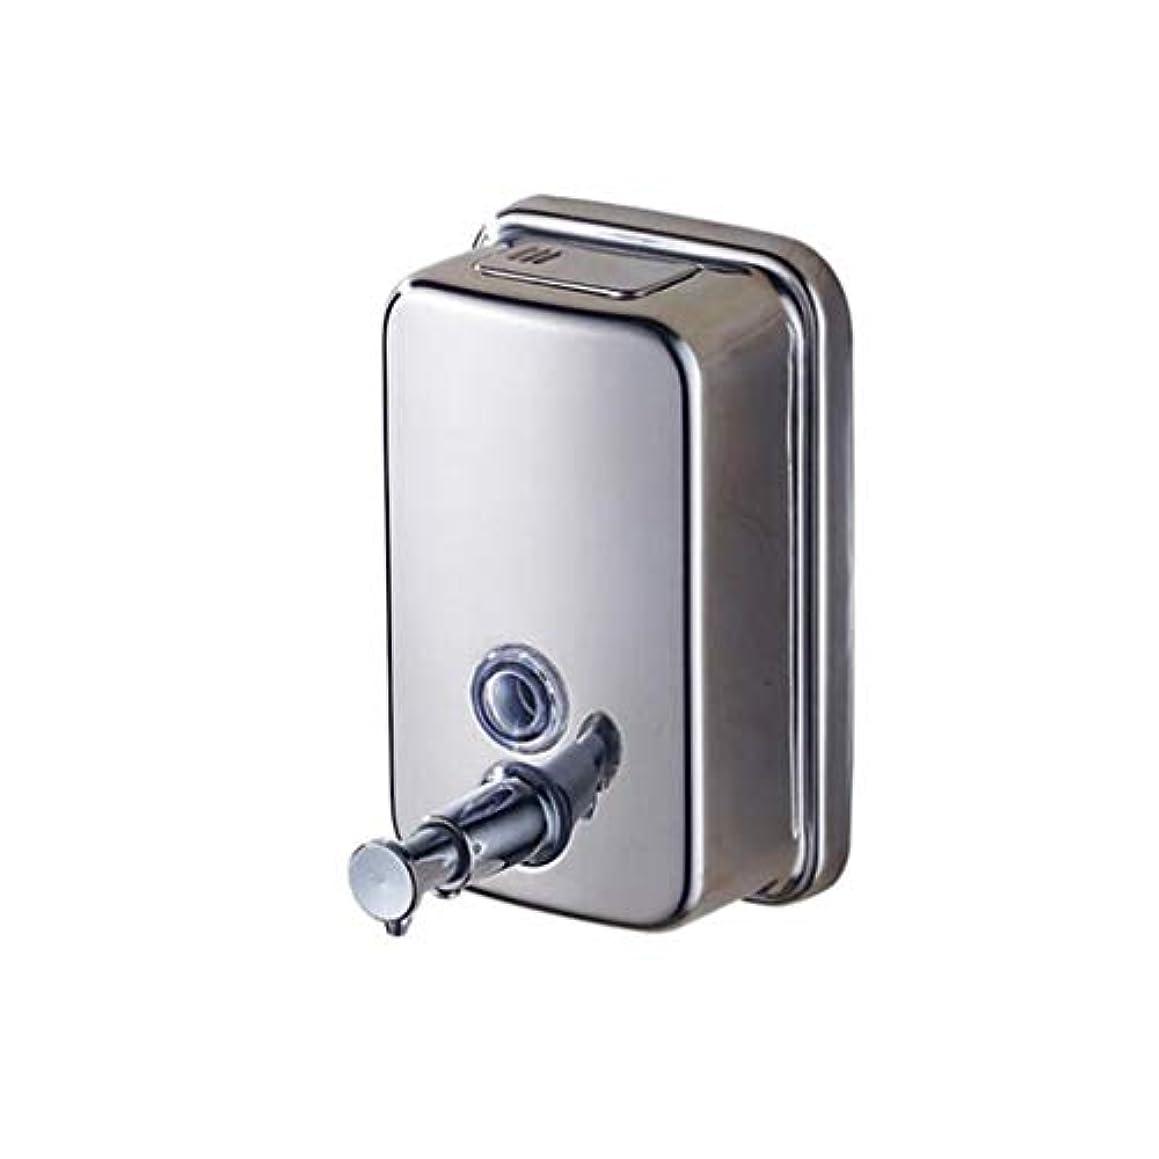 楽しませる複雑でない交換Kylinssh 台所の流しおよび浴室のための単に壁に設置されたソープディスペンサー - ソープディスペンサーホルダー